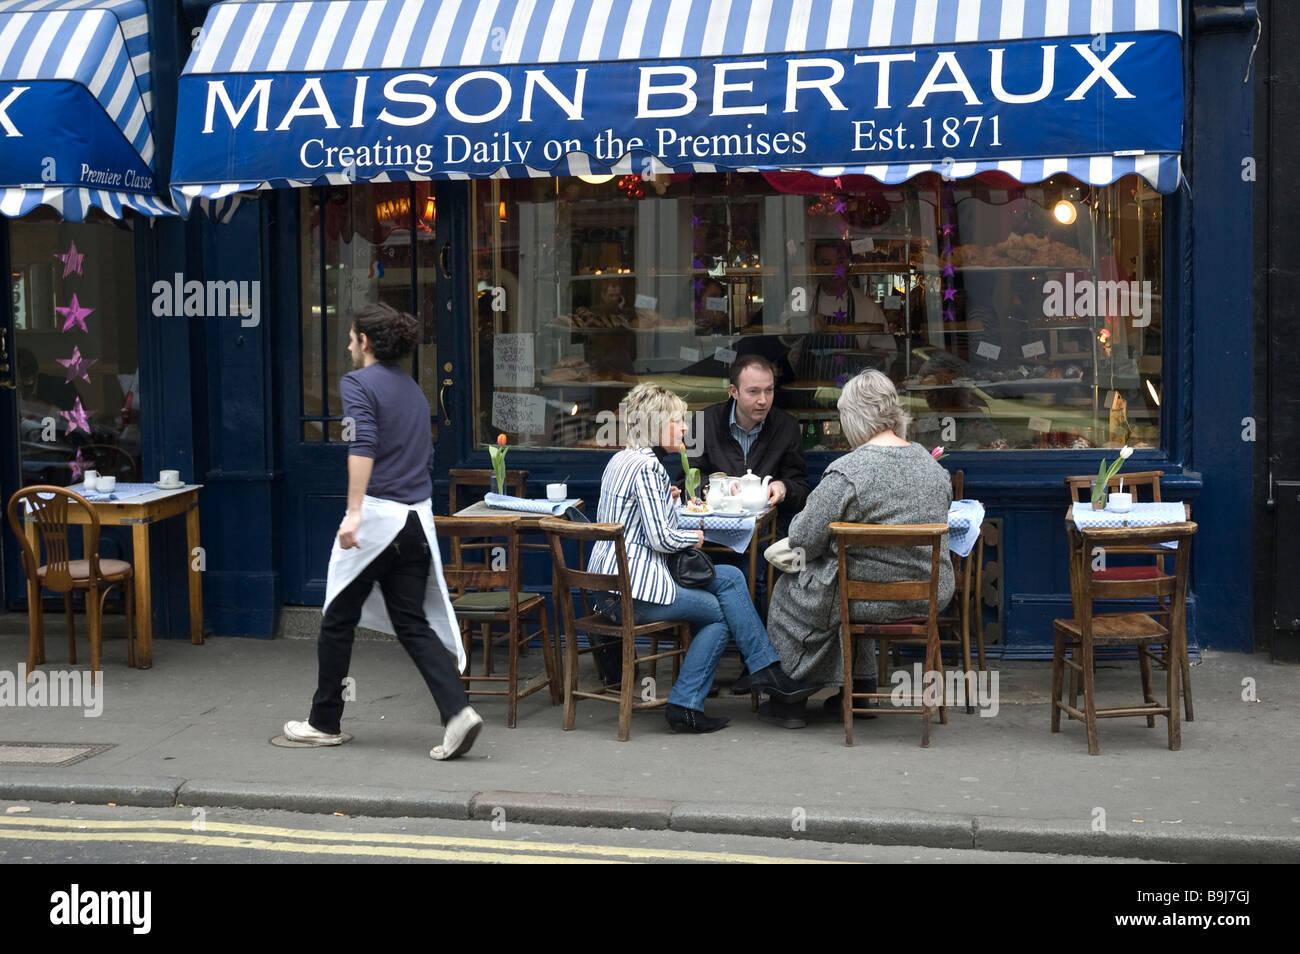 EINE GRUPPE VON FREUNDEN IM FREIEN IM MAISON BERTAUX - BELIEBTE SOHO LONDON RESTAURANT Stockbild